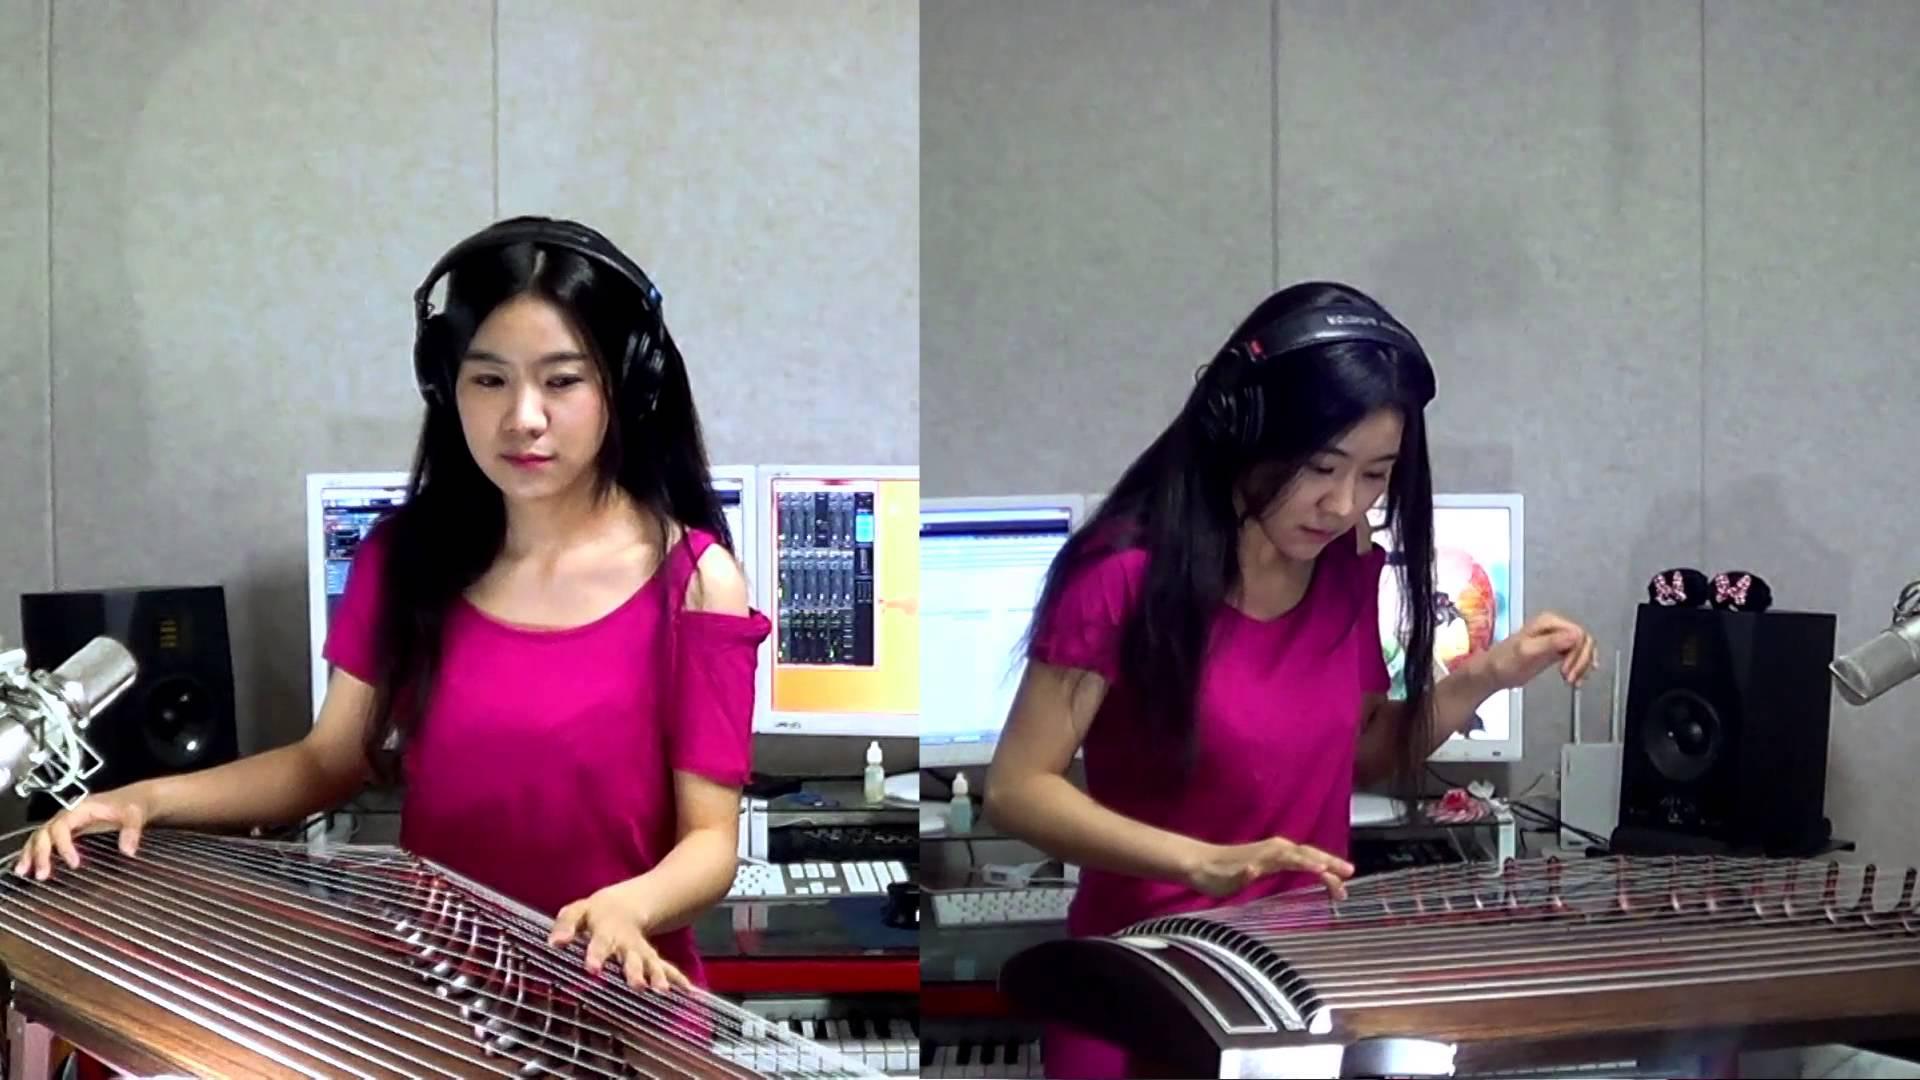 Девушка исполняет рок-хиты на инструменте, о котором вы вряд ли когда-либо слышали